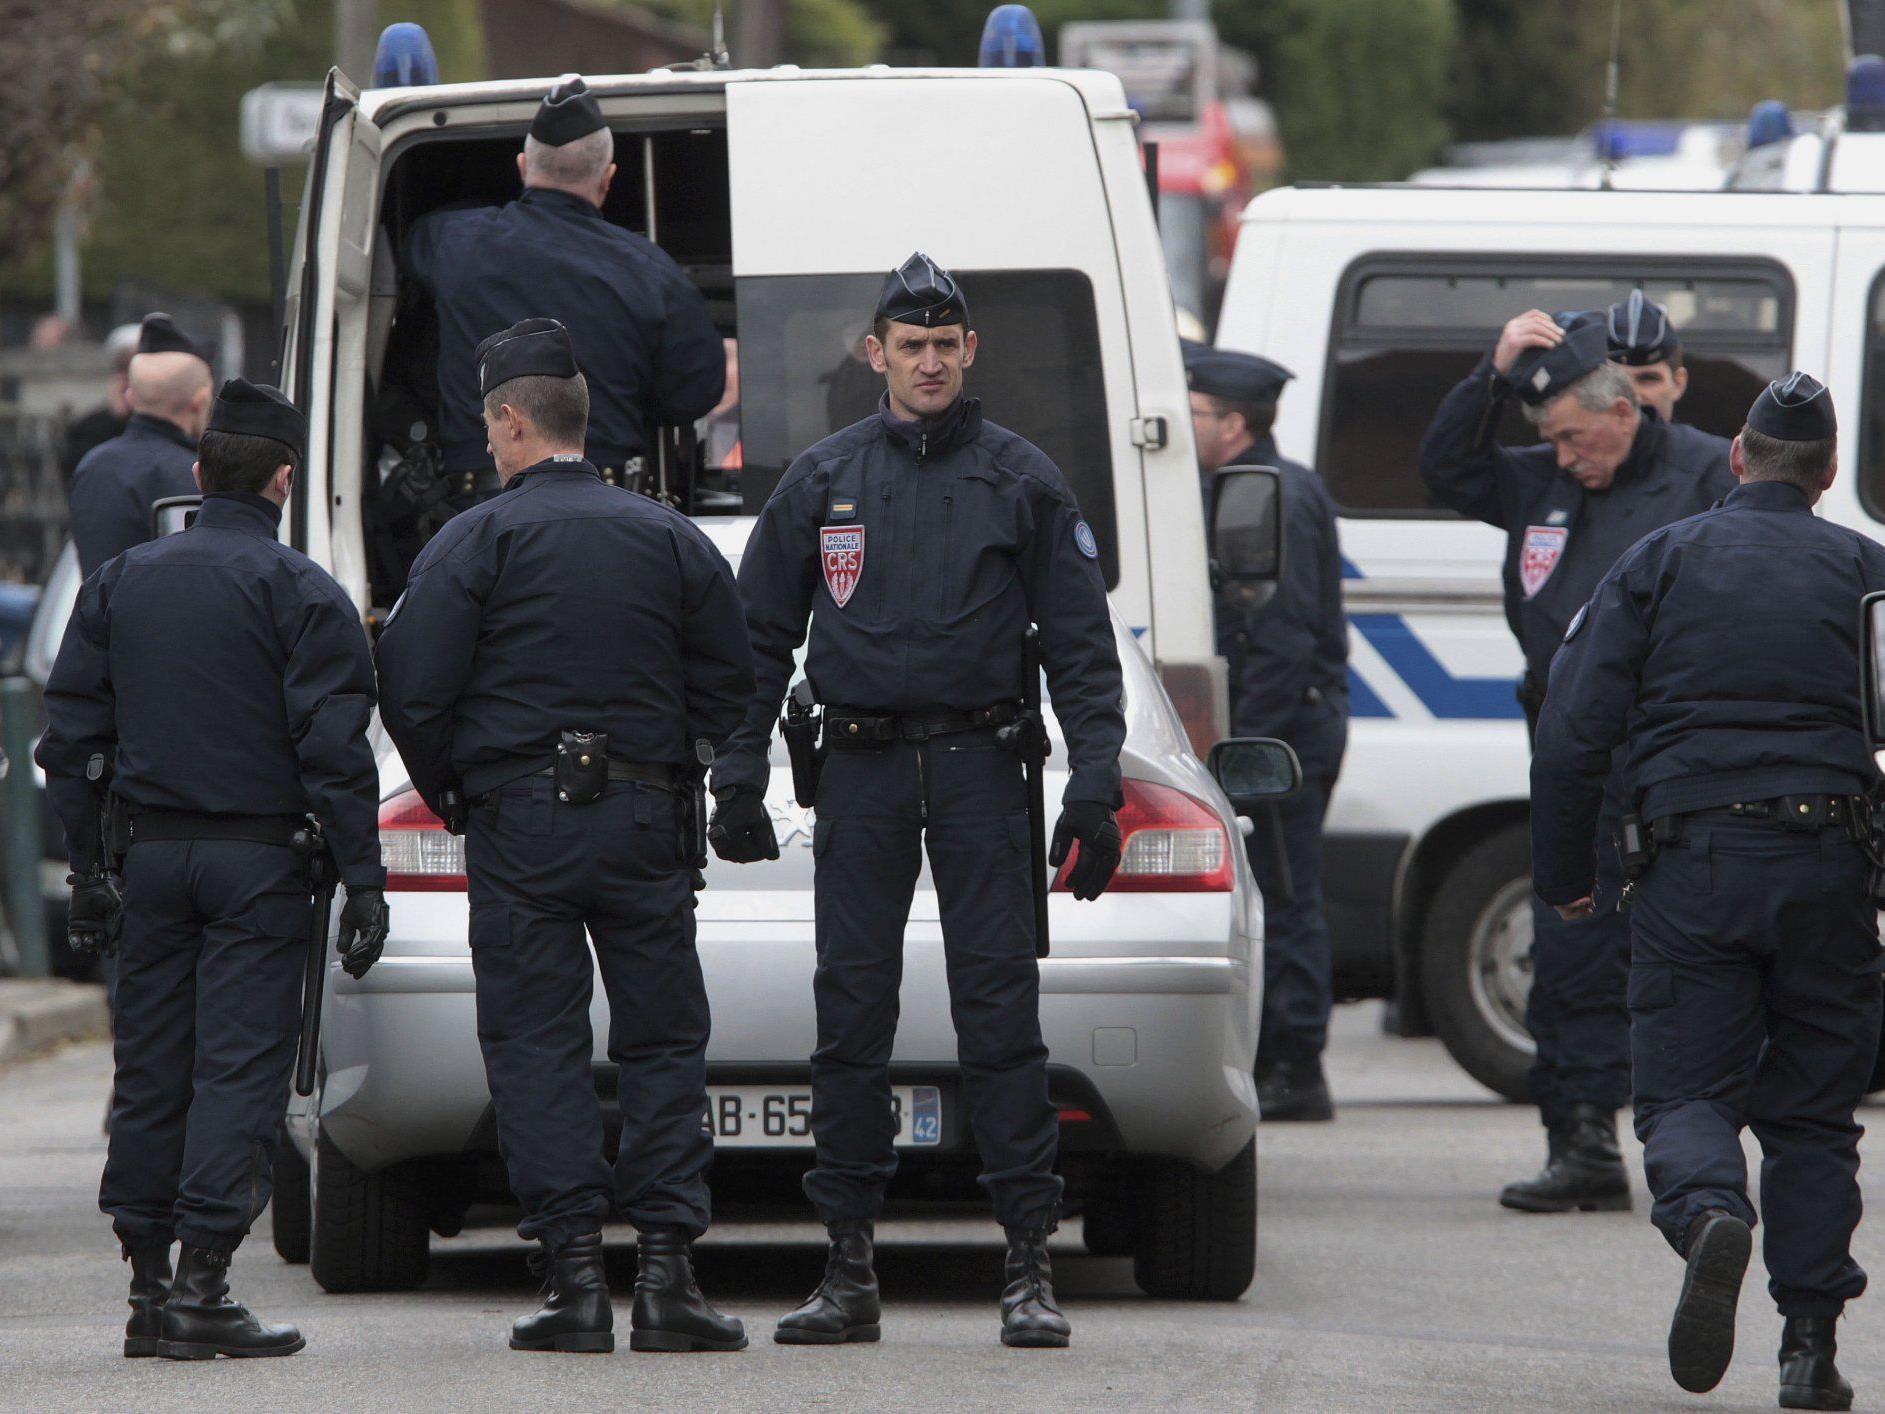 Die Polizei konnte den Verdächtigen am Mittwoch Nachmittag festnehmen.